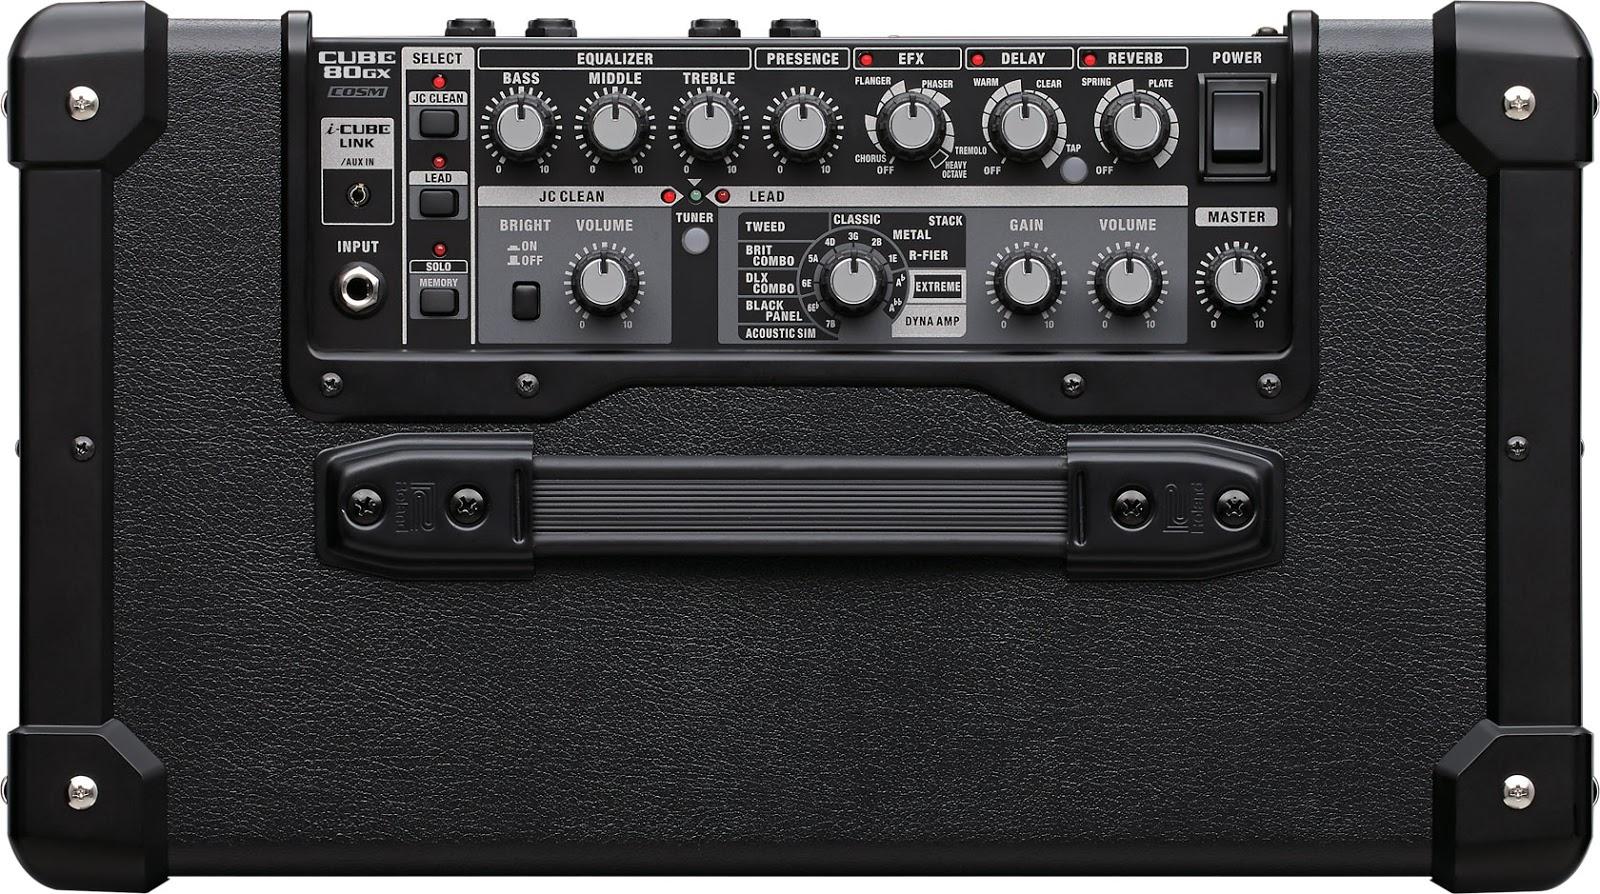 Giá Bán Loa Combo Roland Cube 80GX Cao Cấp Ở Tphcm